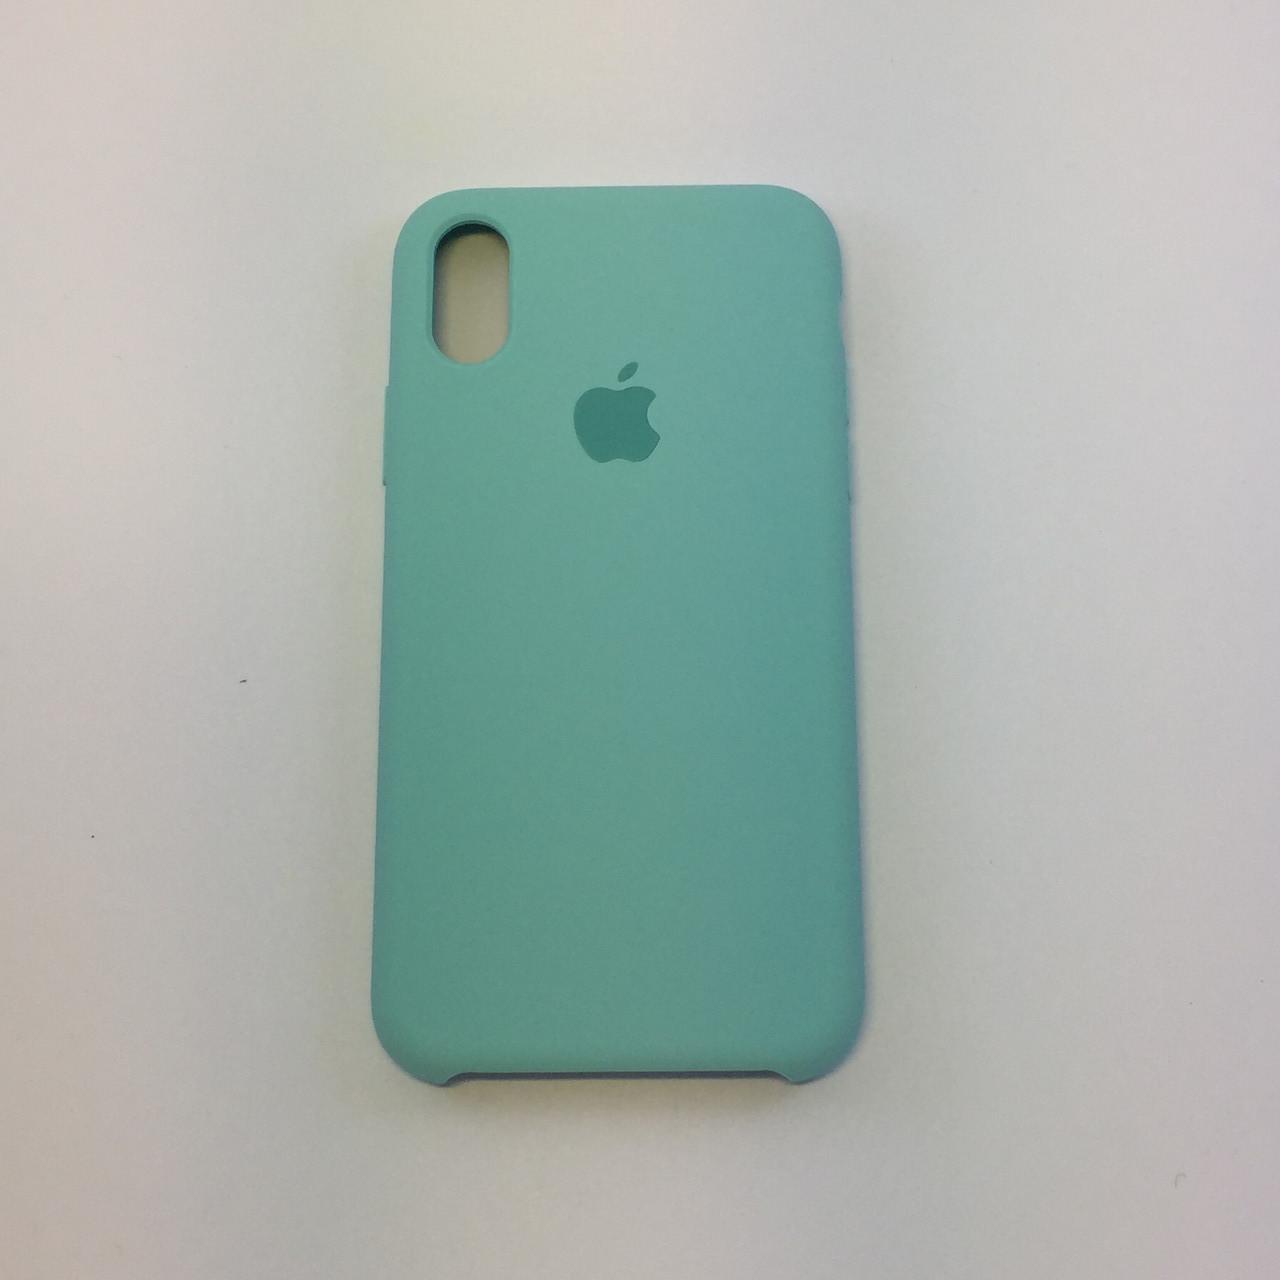 Силиконовый чехол iPhone X / Xs, мята, copy original